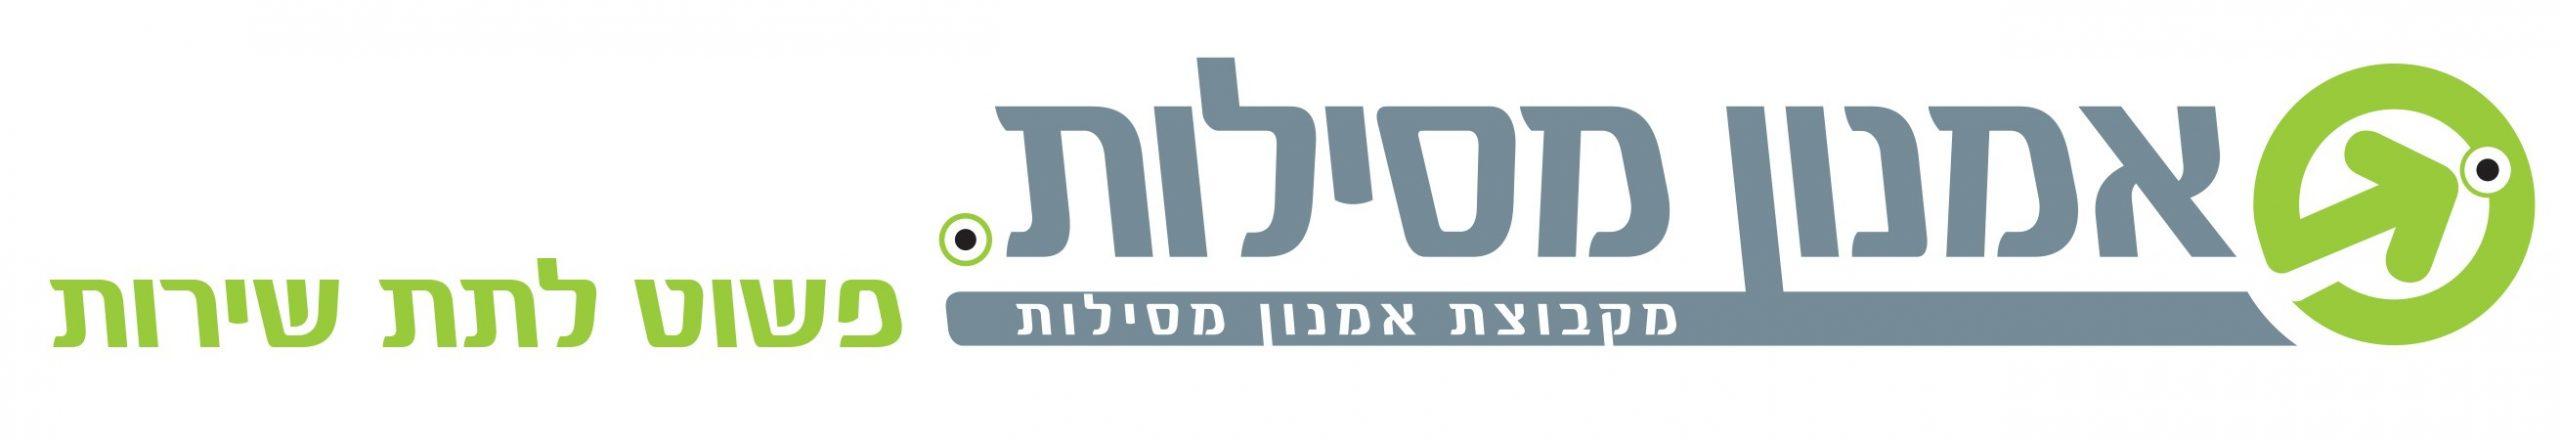 לוגו מסילות